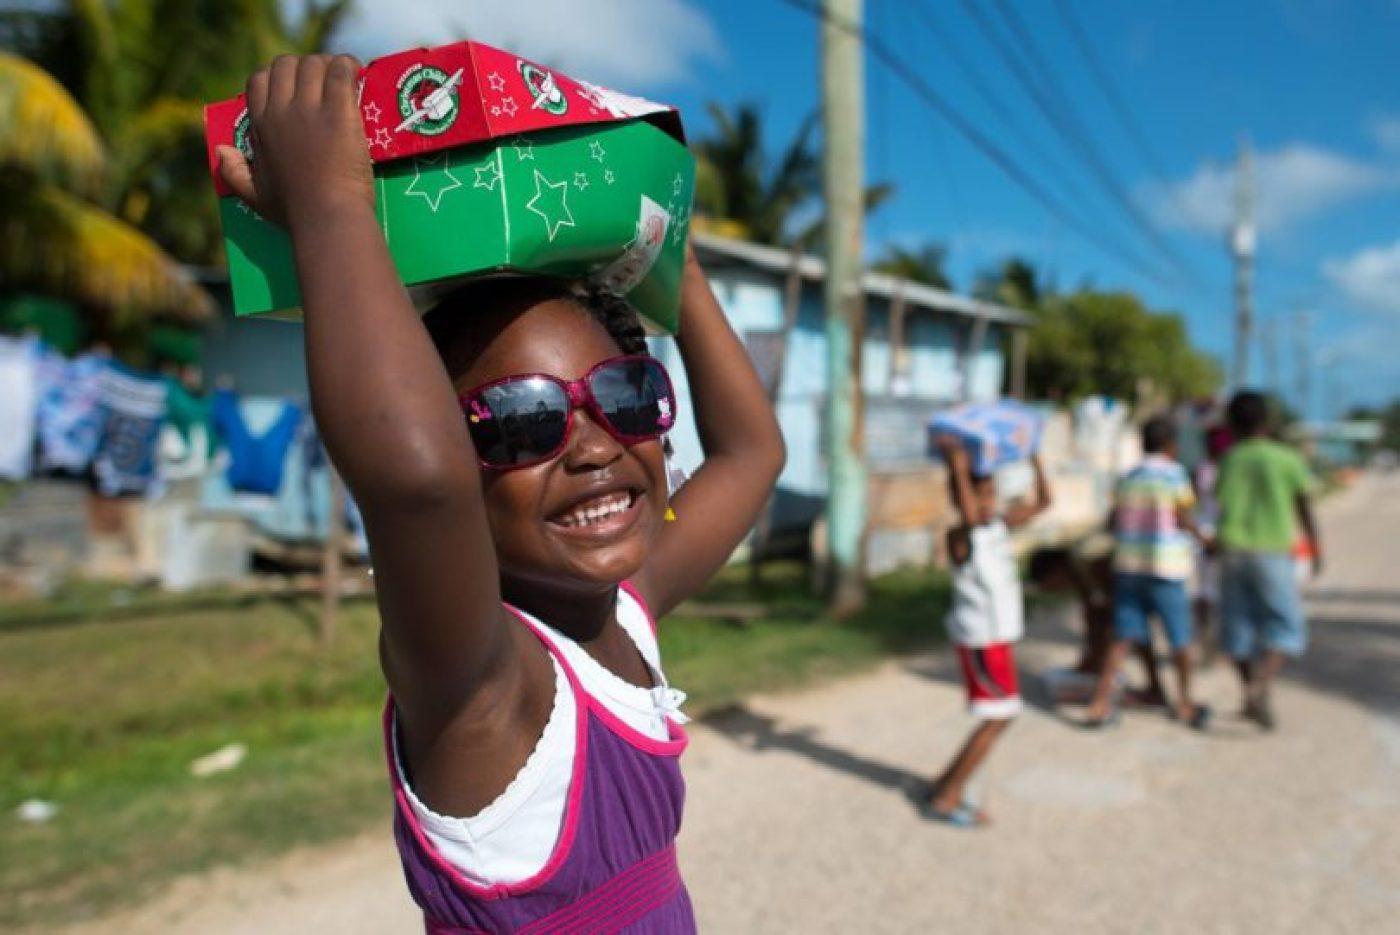 Operation-Christmas-Child-UK, faccio come mi pare, faccio come mi pare blog, dona un regalo a natale, fai beneficienza a natale, regali per bambini a natale, expat blog